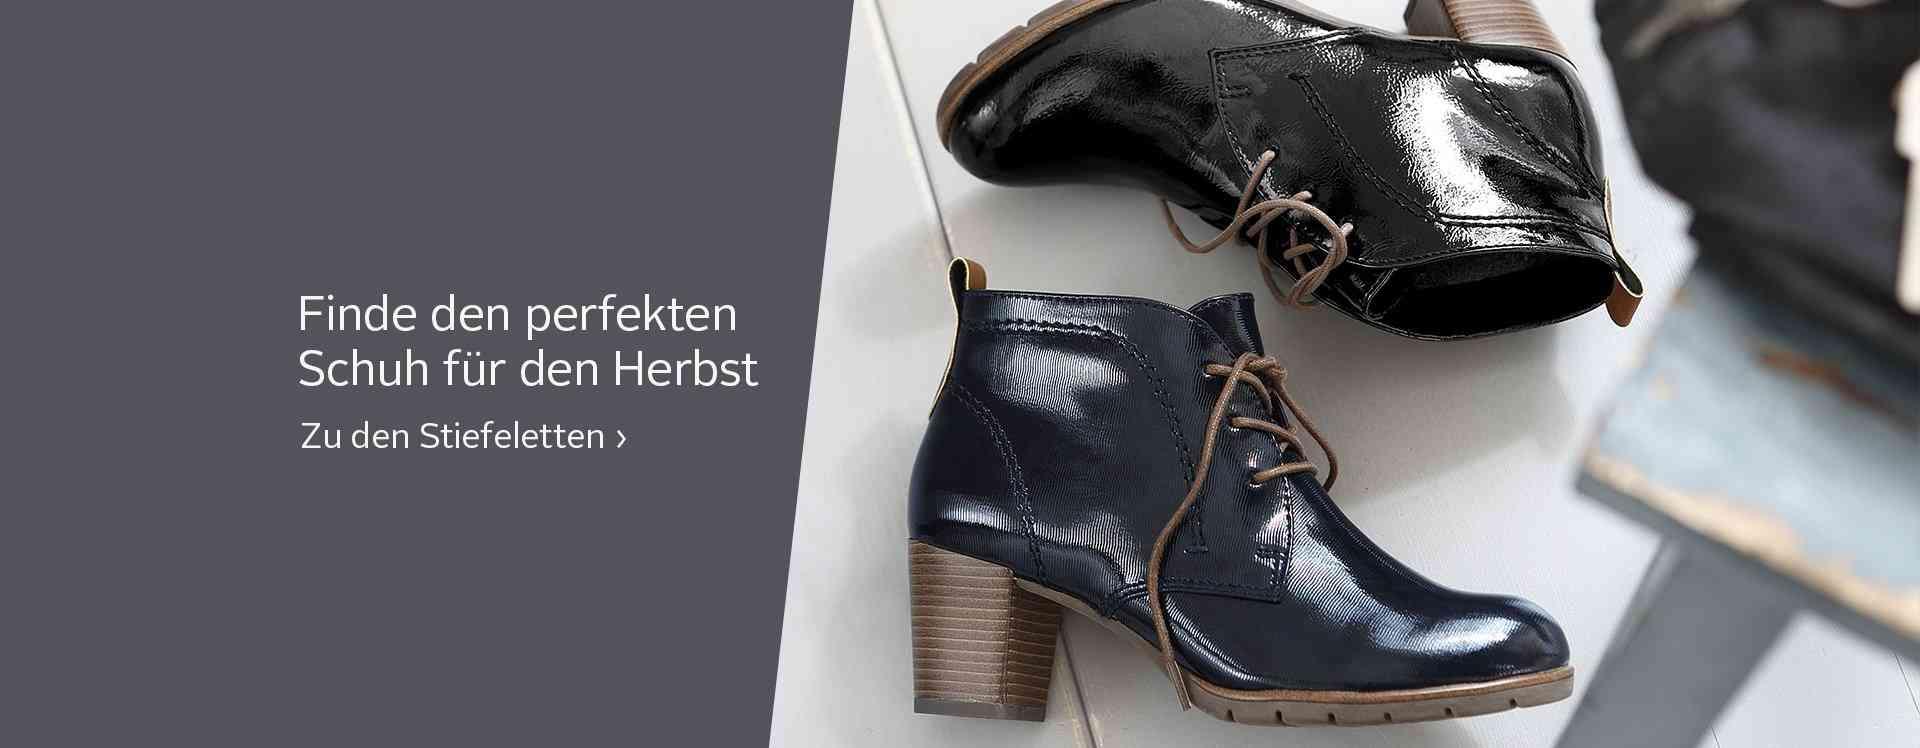 Stiefeletten-Vielfalt: Von elegant bis vintage, из gewagt bis sportlich- hier  Sie die riesige Stiefeletten-Auswahl из OTTO.